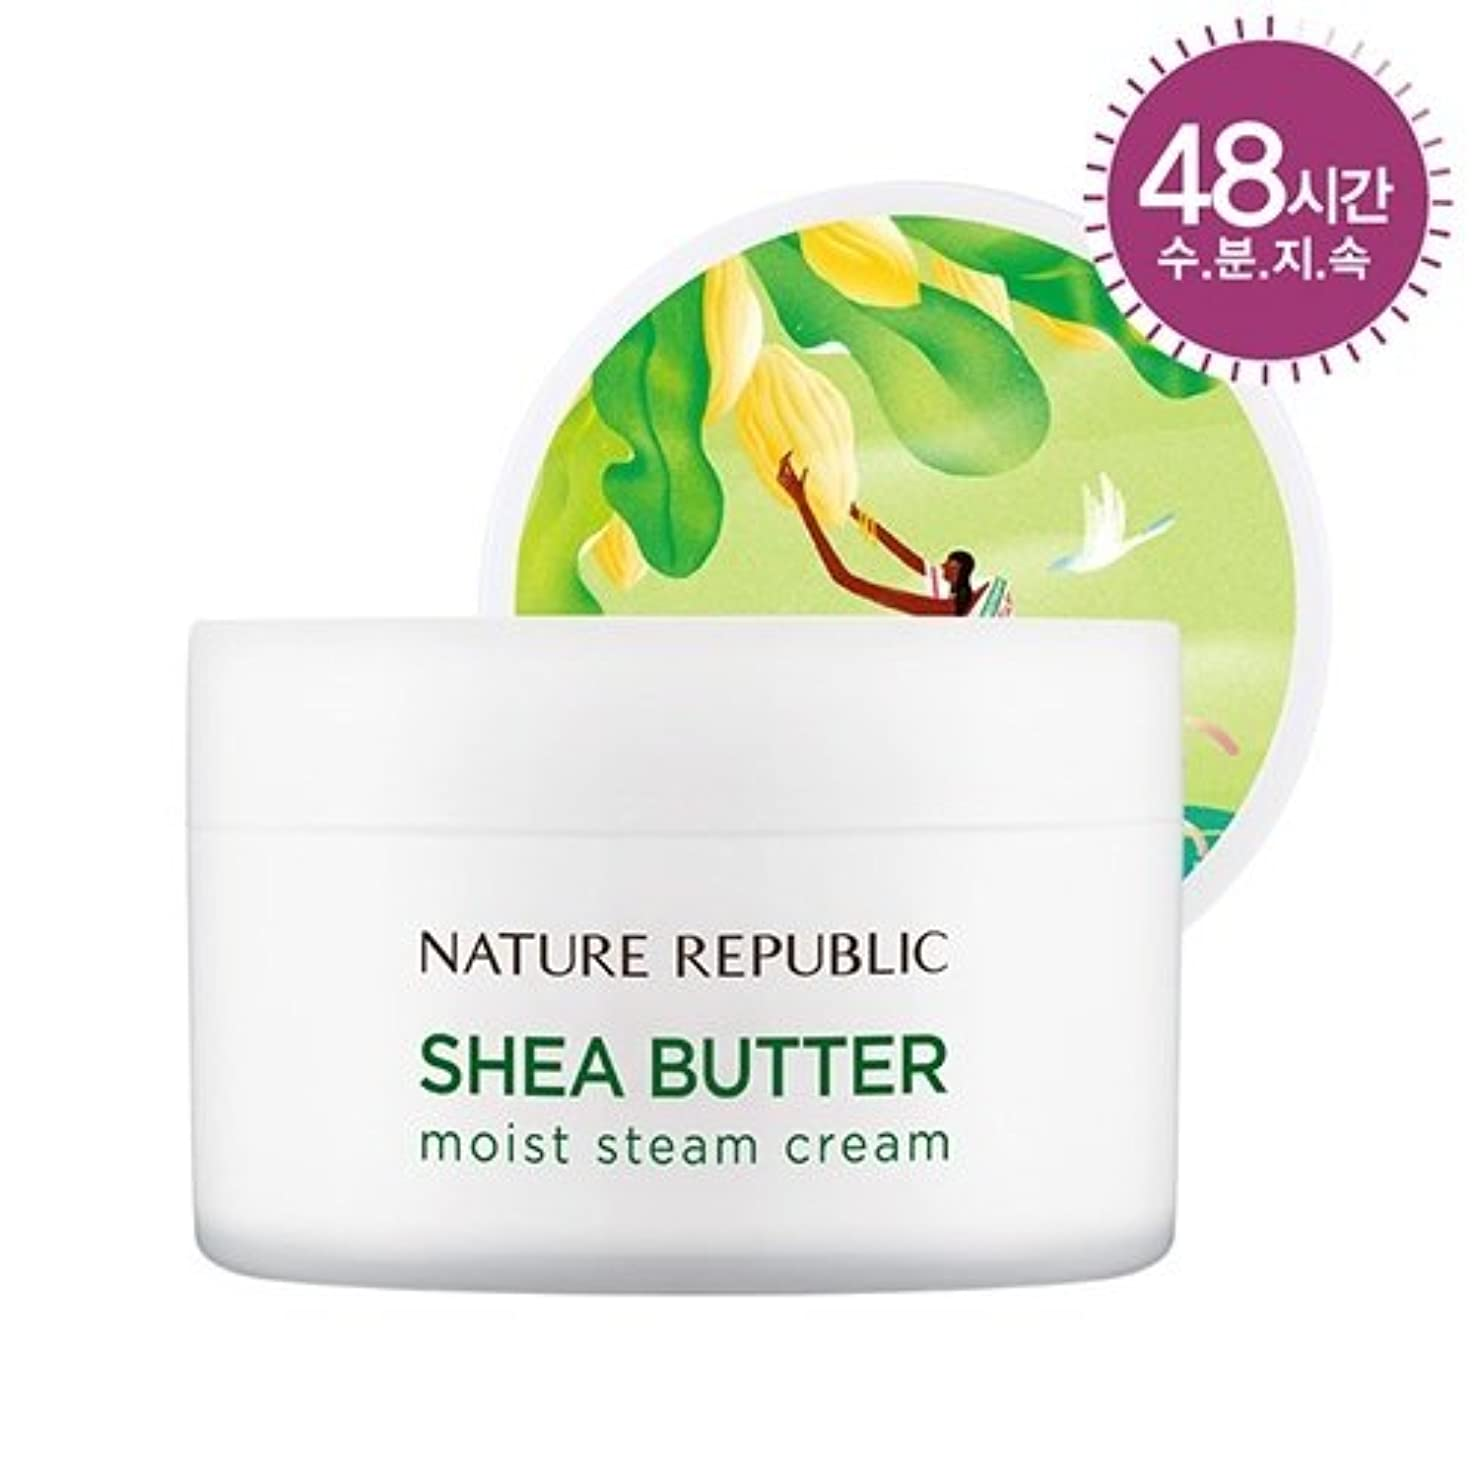 サーマル回転させるそこNATURE REPUBLIC(ネイチャーリパブリック) SHEA BUTTER STEAM CREAM シアバター スチーム クリーム #モイスト乾燥肌